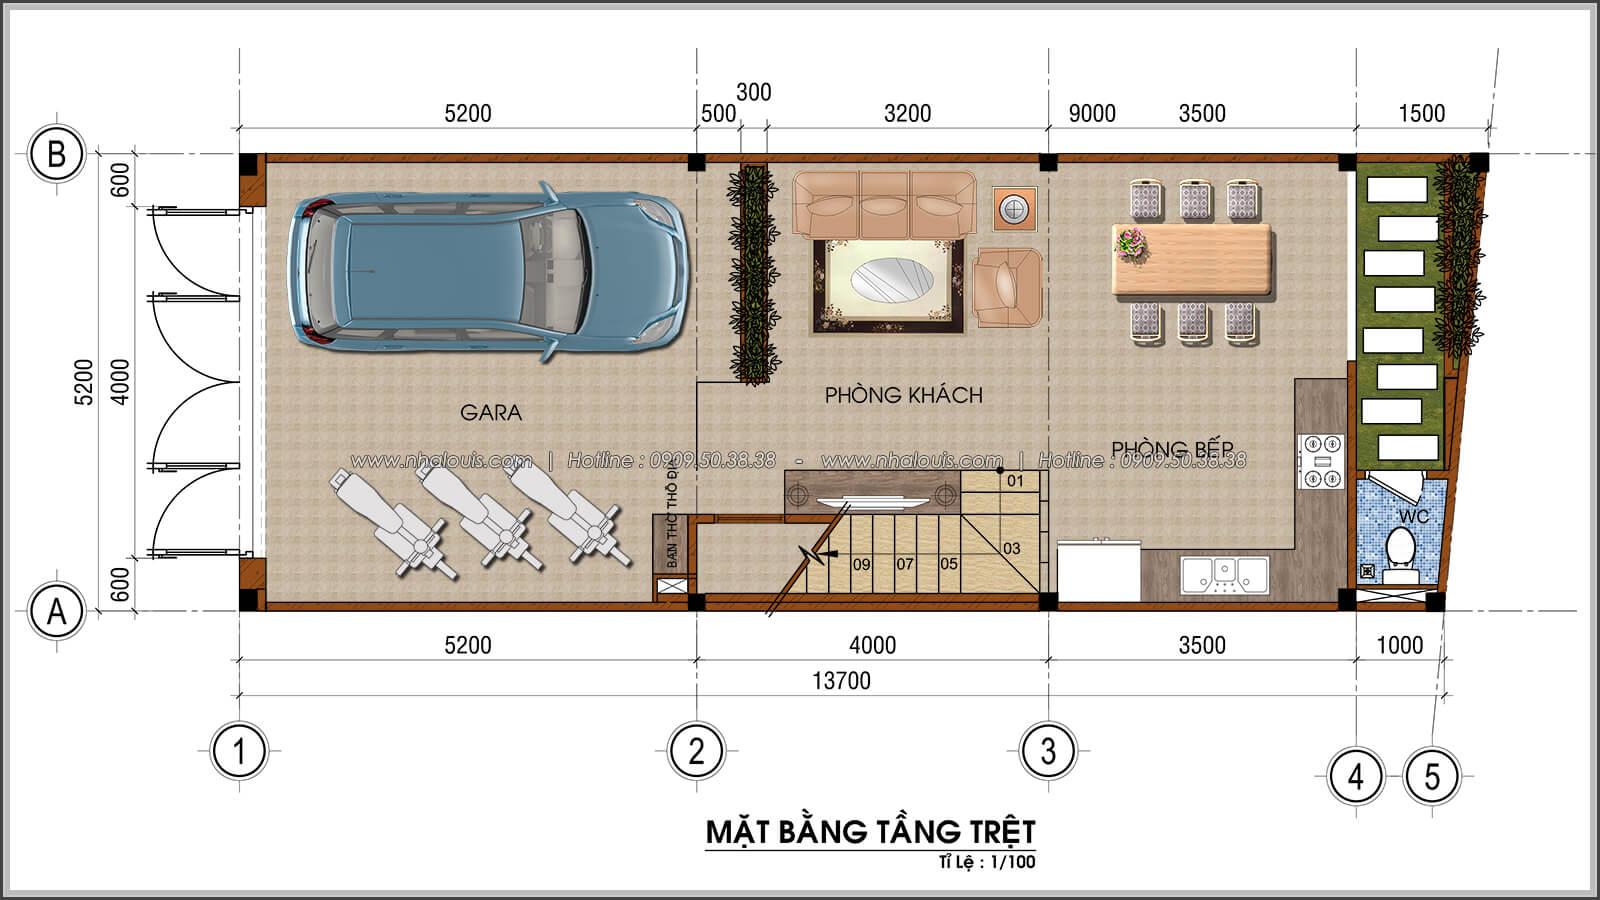 Mặt bằng tầng trệt thiết kế nhà ống mặt tiền 5m có gara ô tô tại Tân Bình - 03